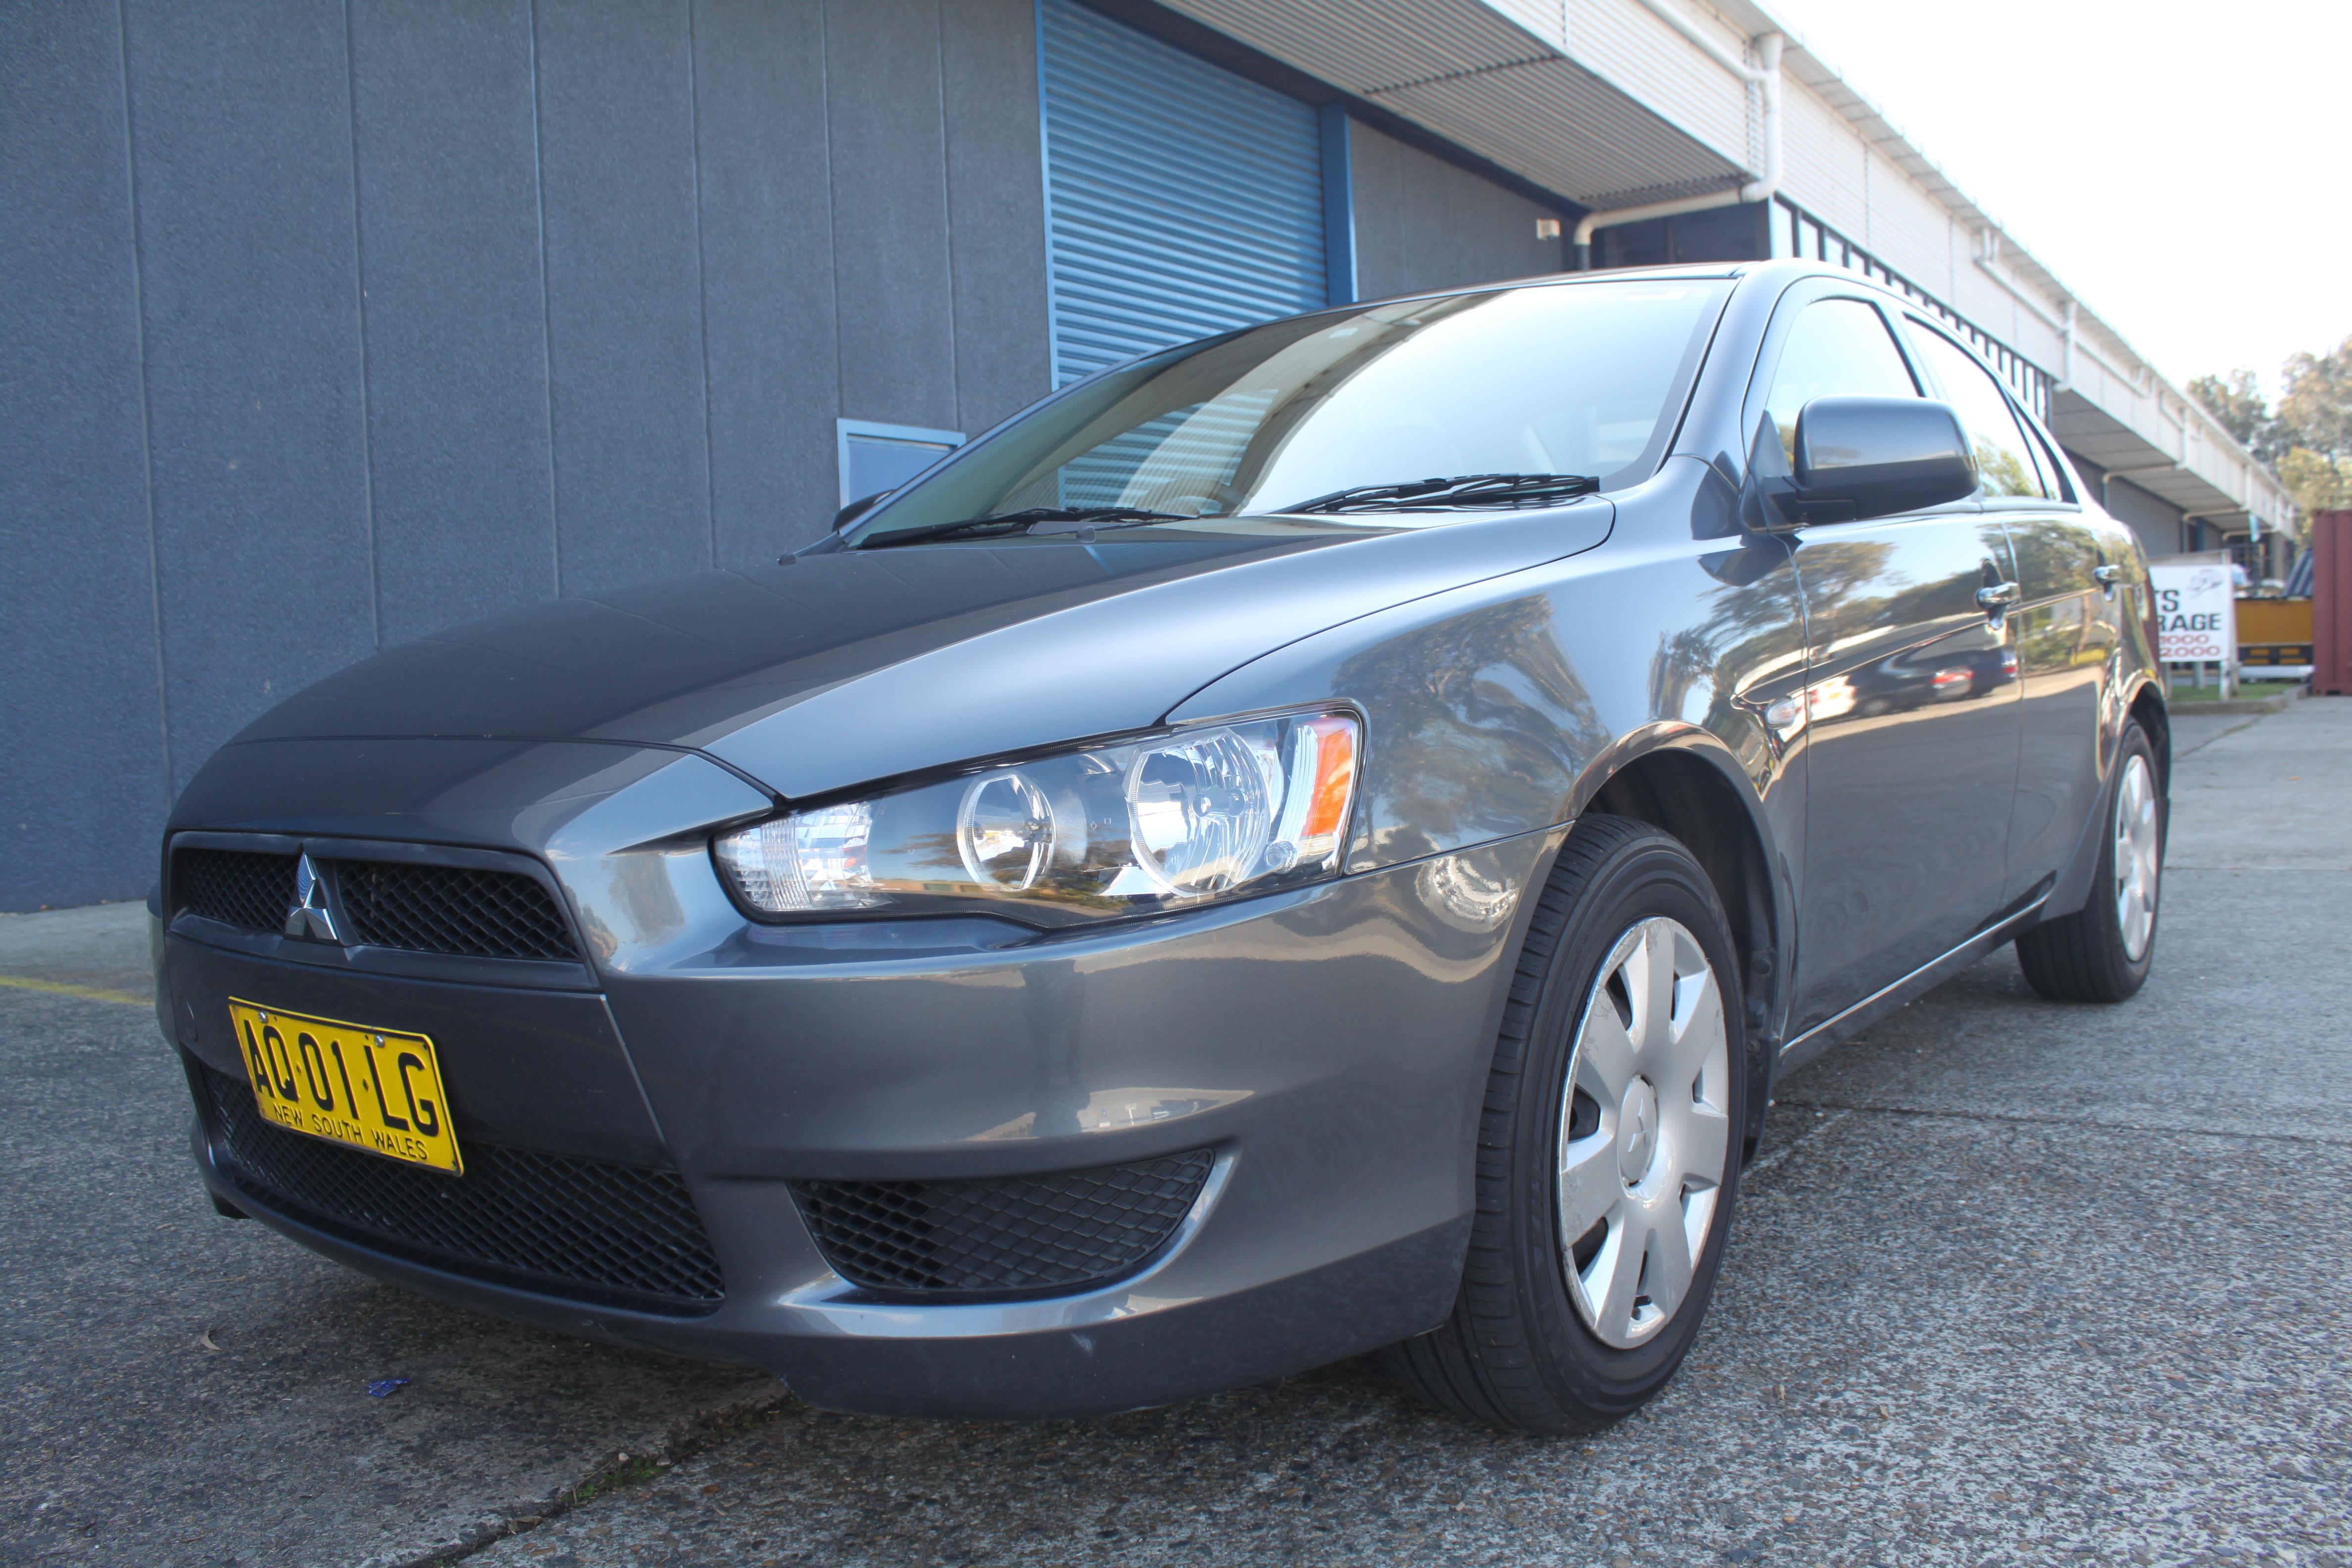 File:2008 Mitsubishi Lancer (CJ MY08) ES Sedan (15890864500)